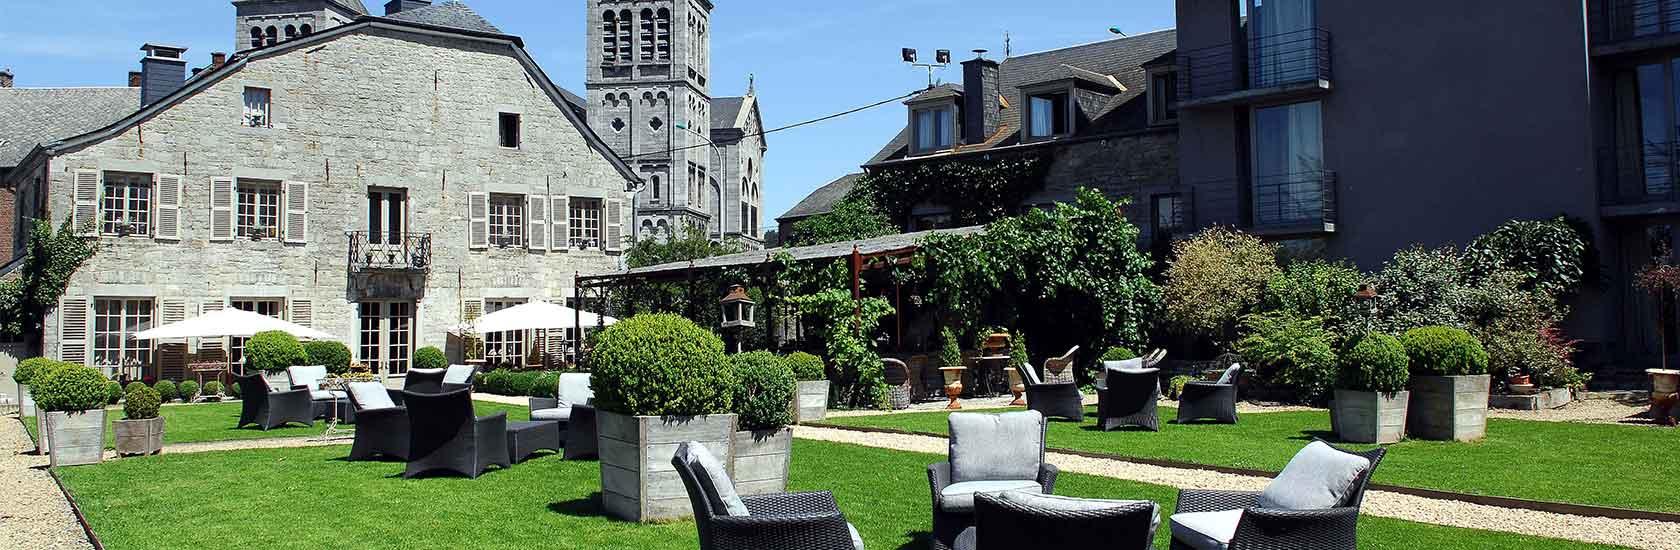 Hôtel/restaurant La Malle Poste/ La Calèche destiné Malle De Jardin